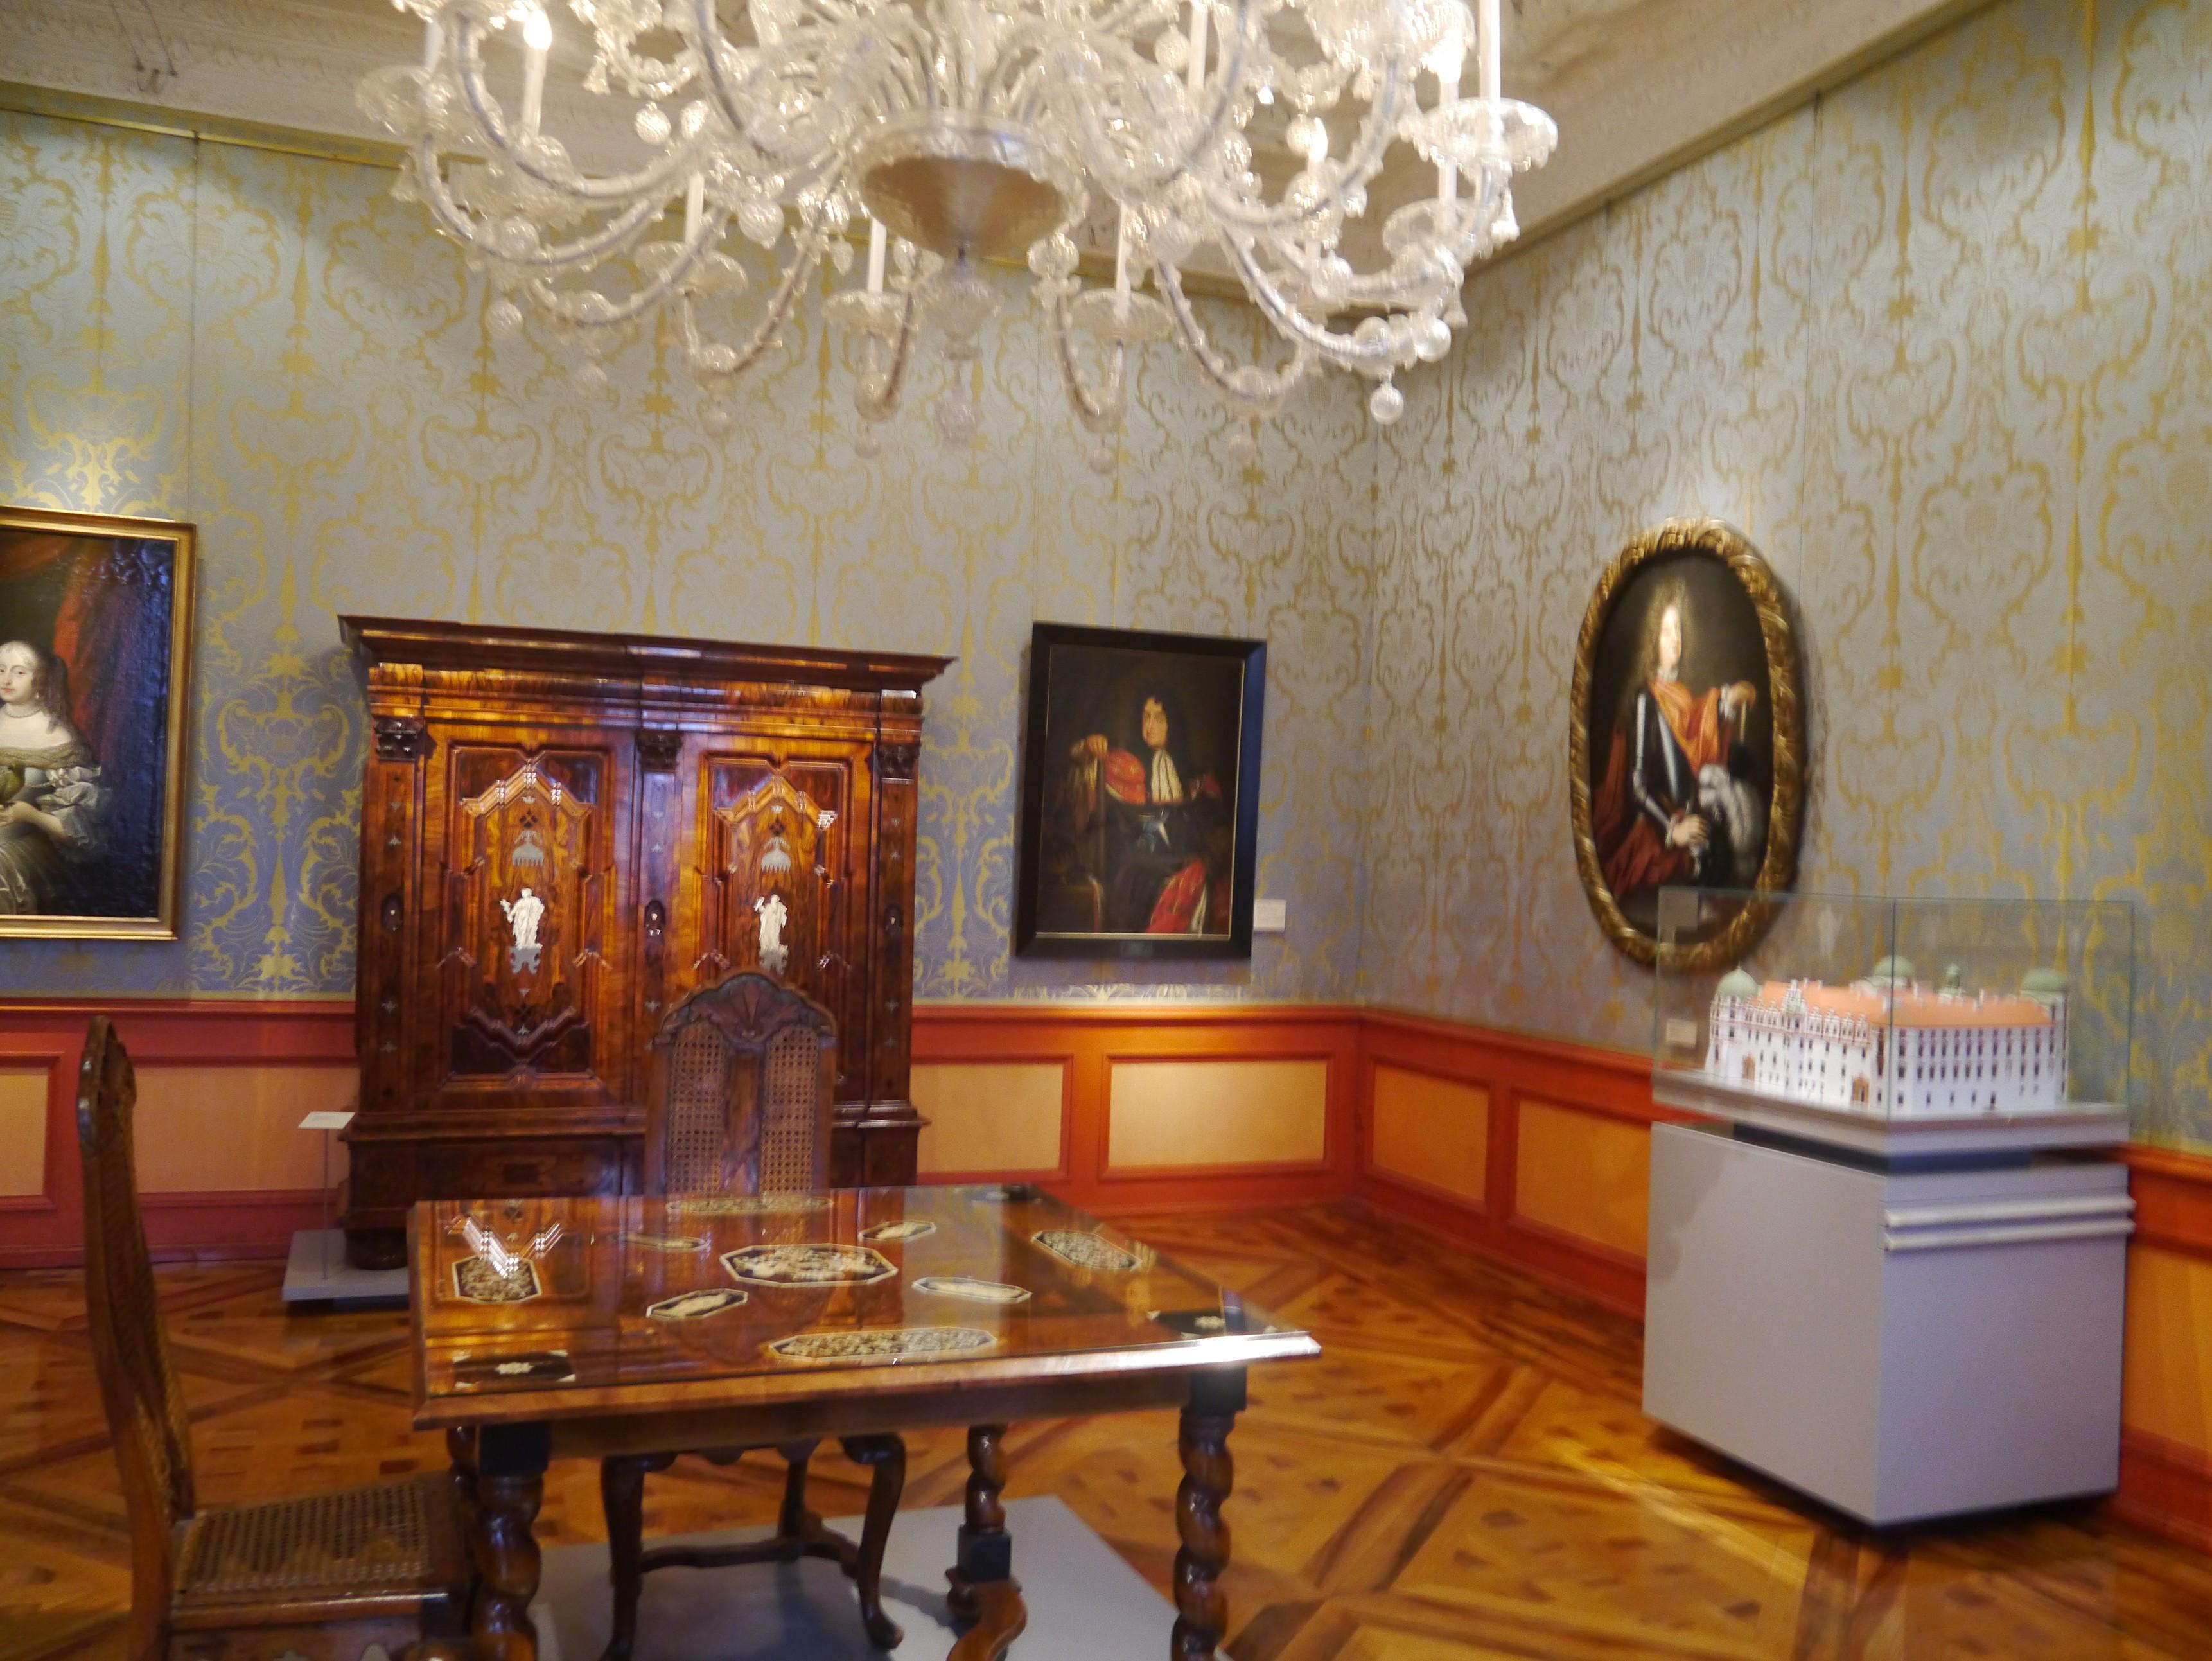 DateiCelle Schloss Celle Innen 21.JPG – Wikipedia